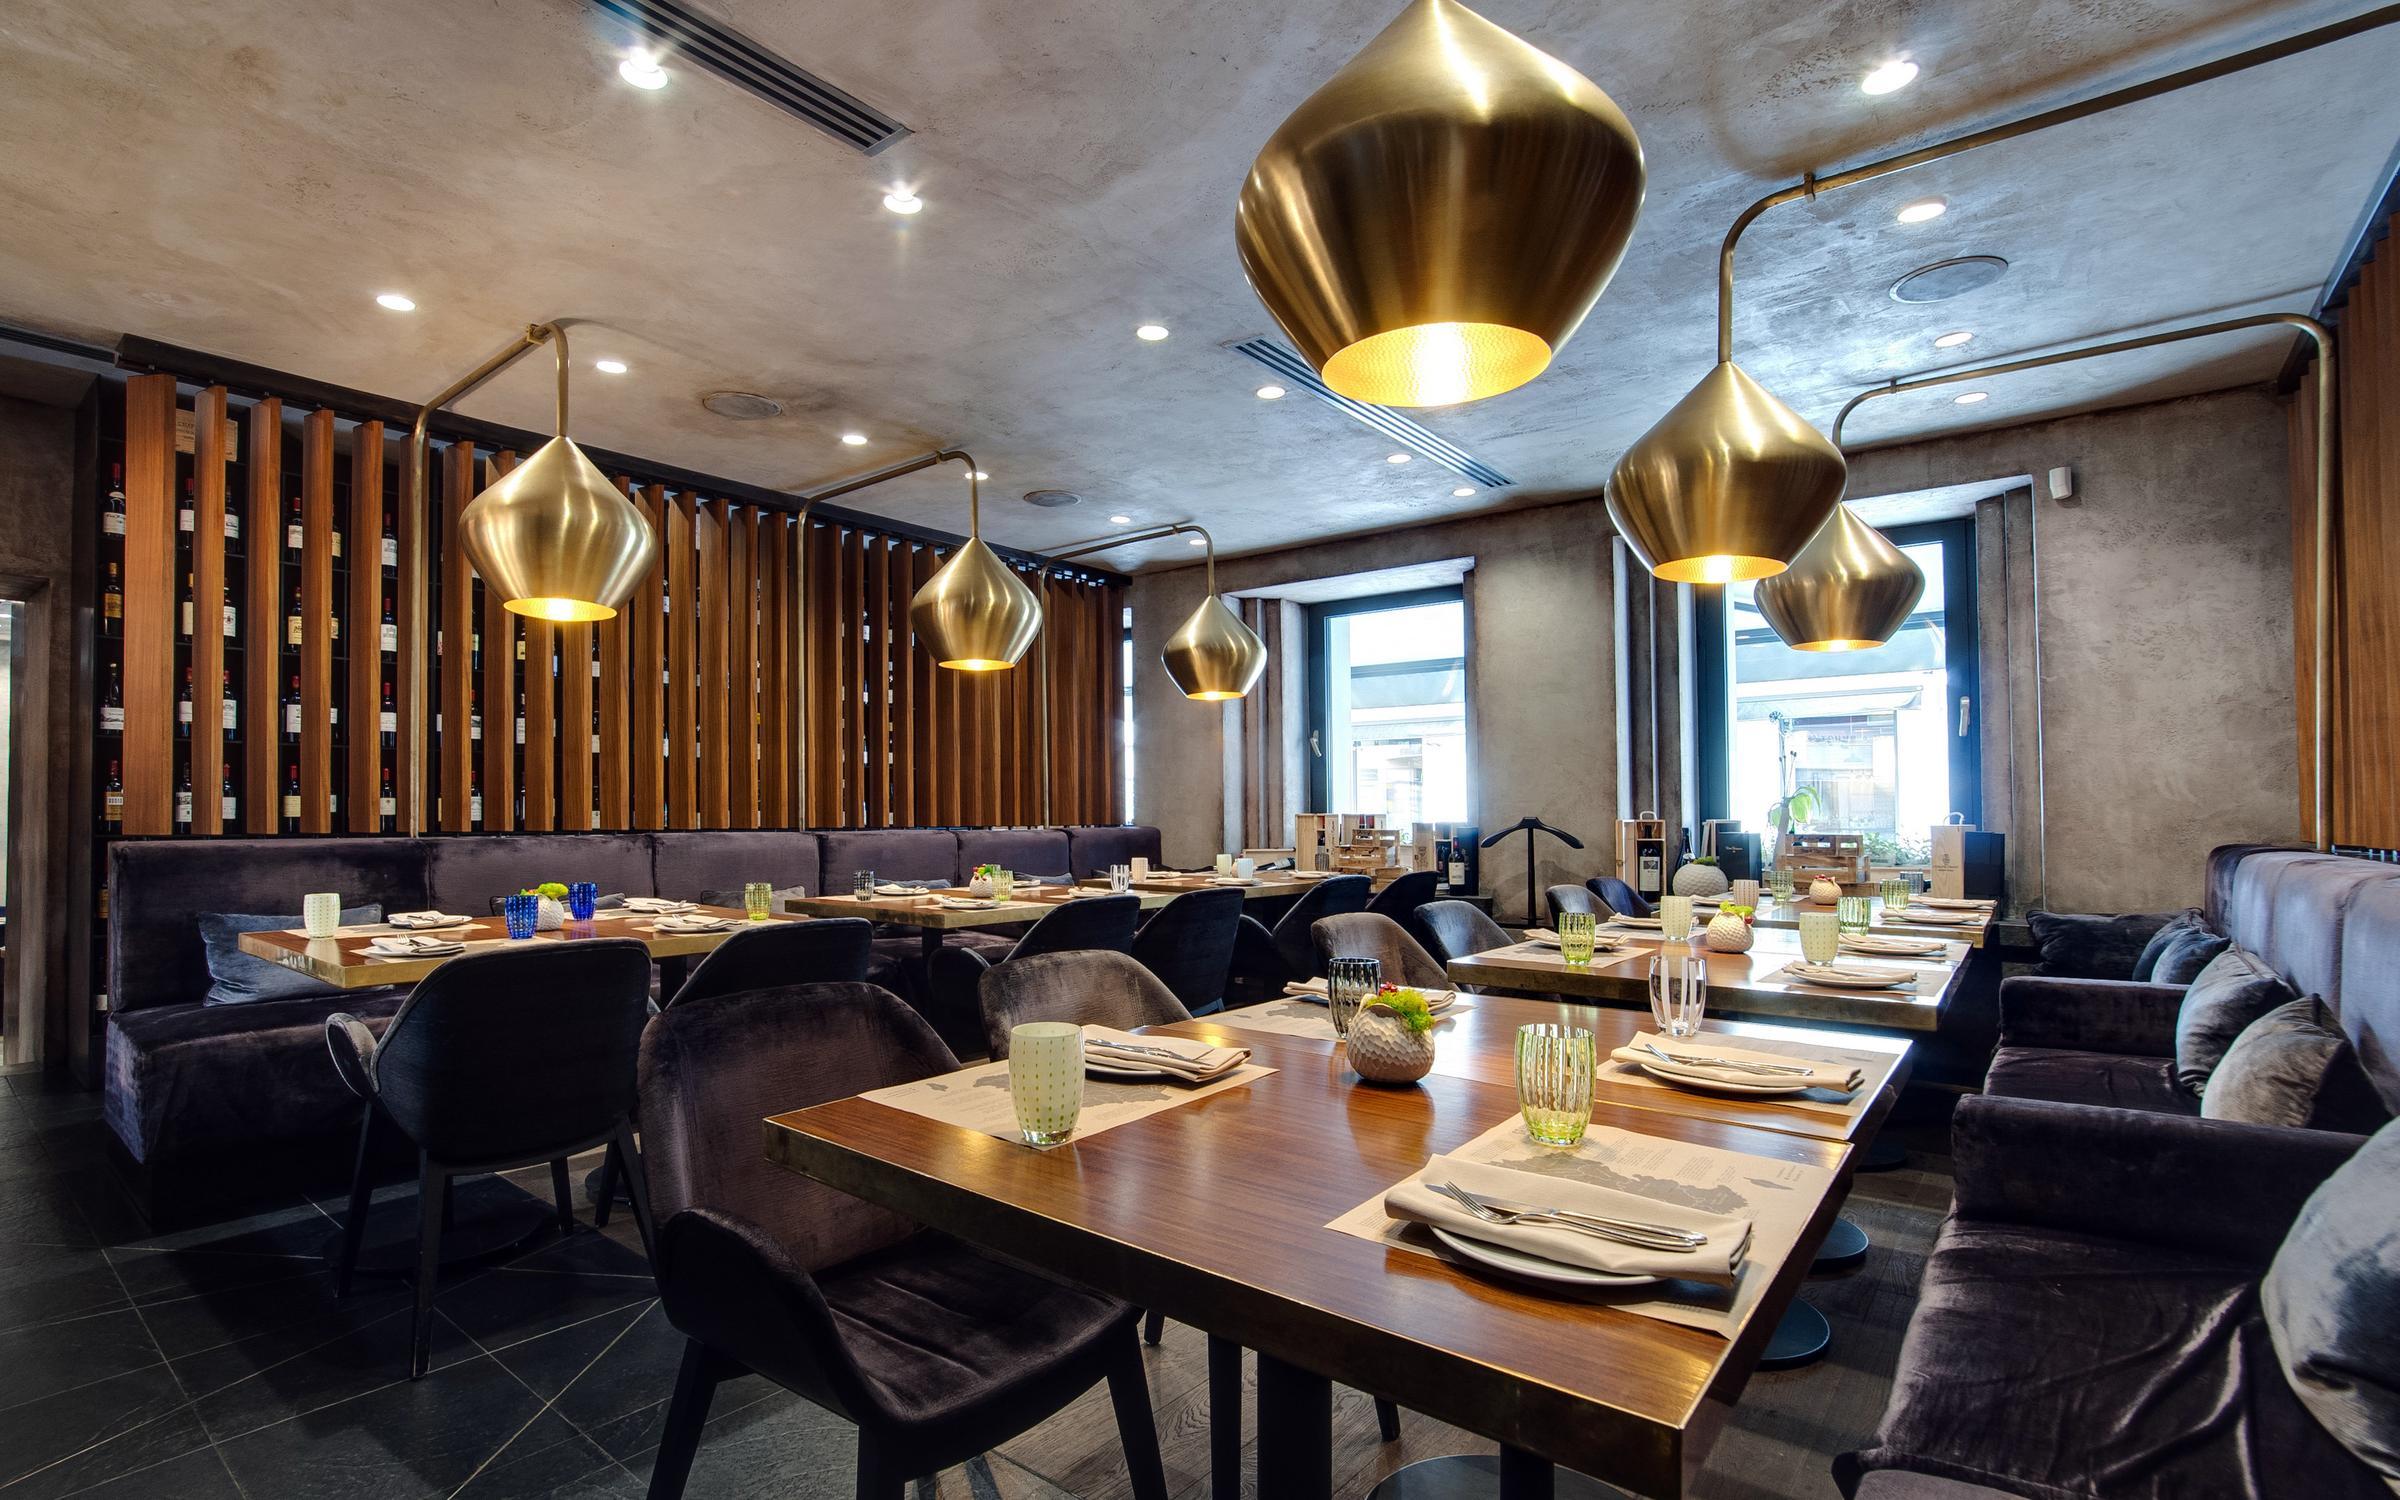 фотография Винного ресторана Grand cru на Малой Бронной улице